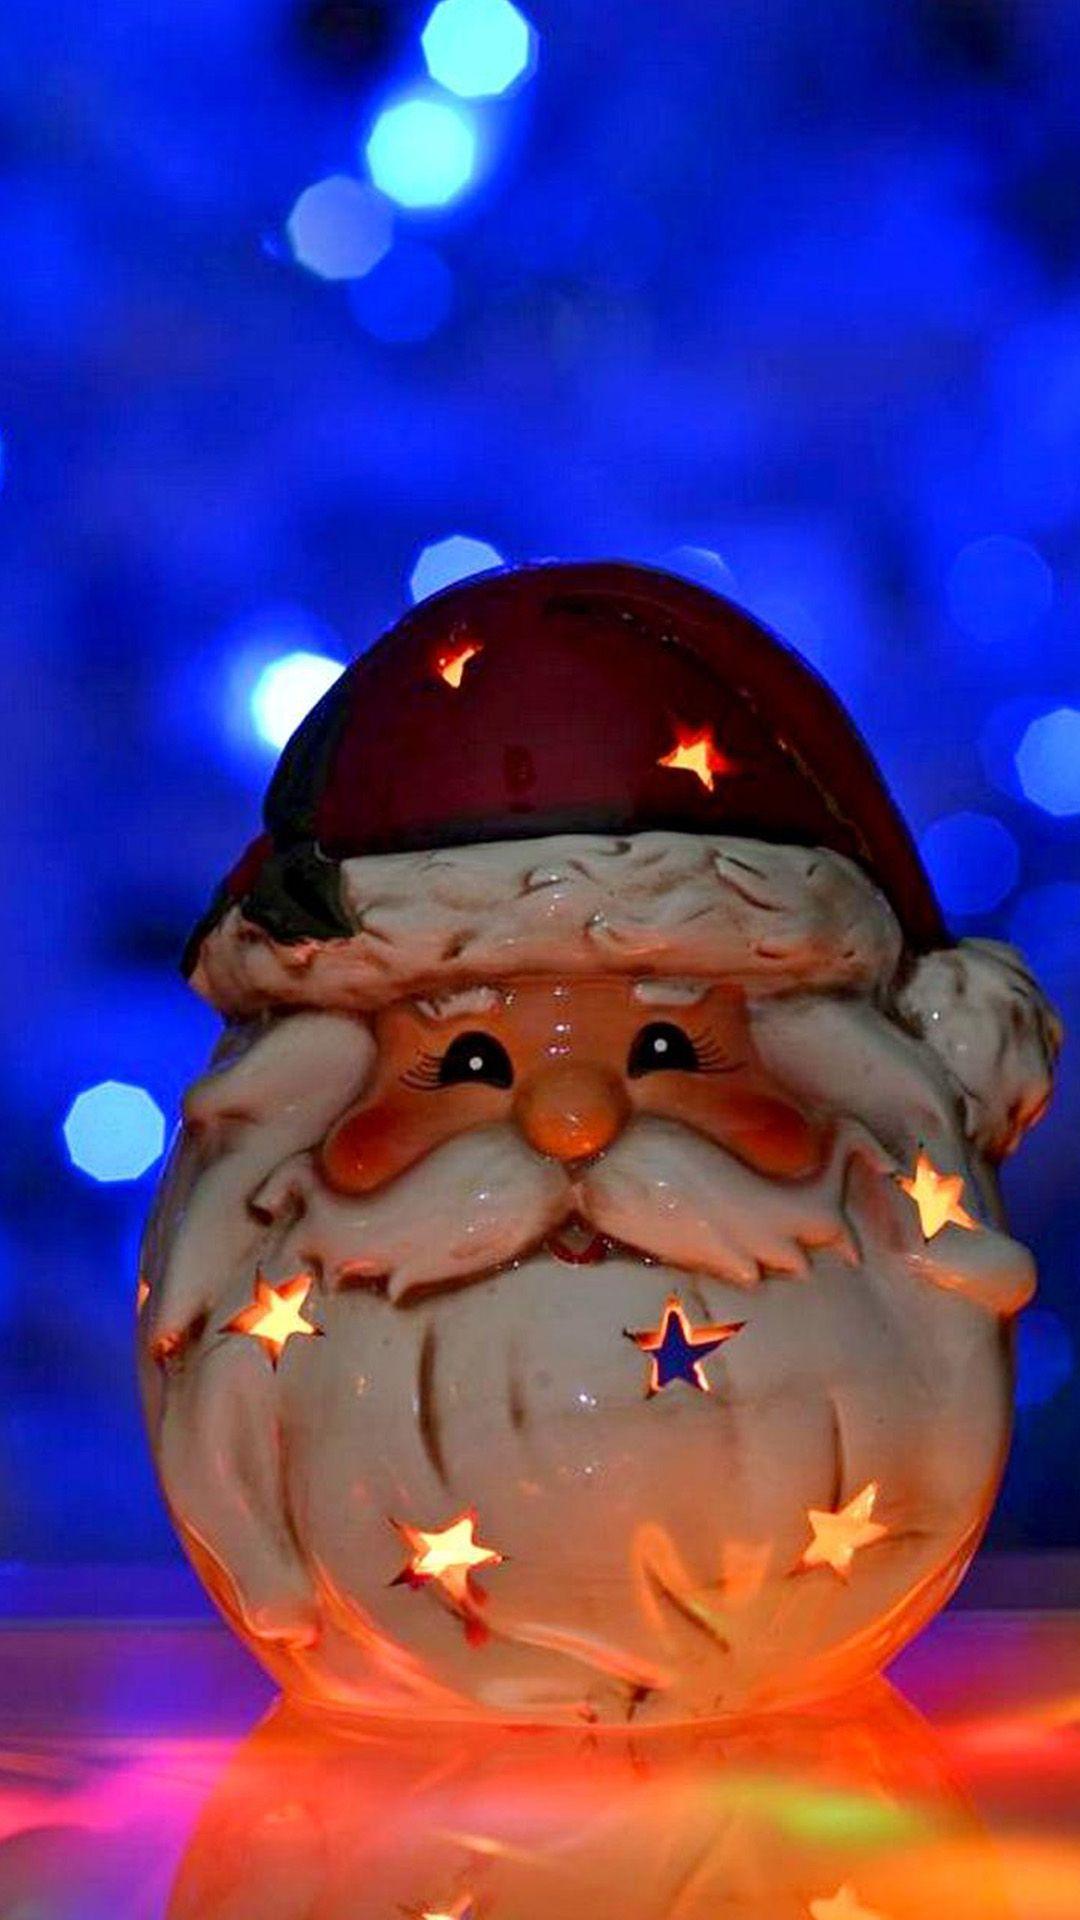 Samsung Galaxy Wallpaper Christmas Holiday Samsung